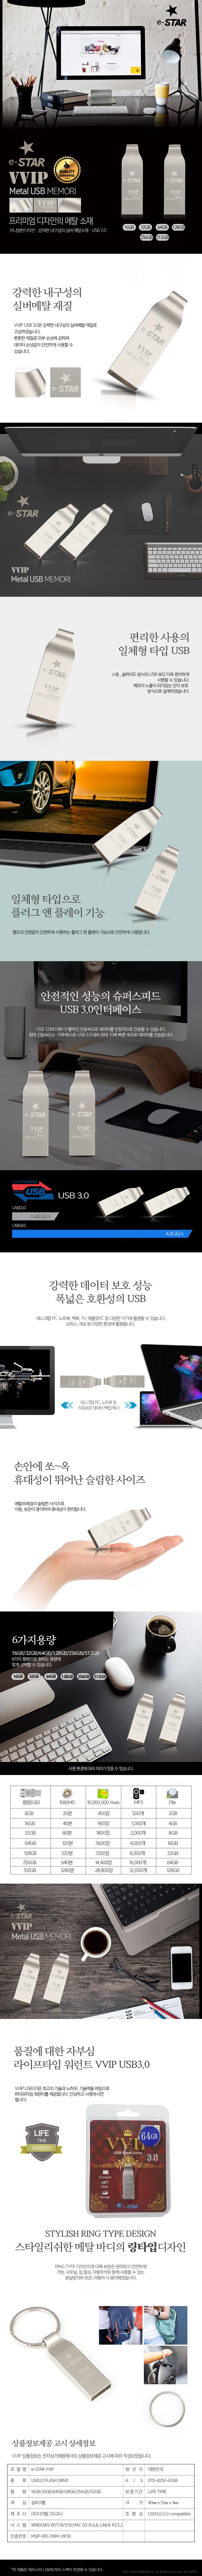 디지탈그리고나 e-STAR VVIP USB 3.0 (128GB)